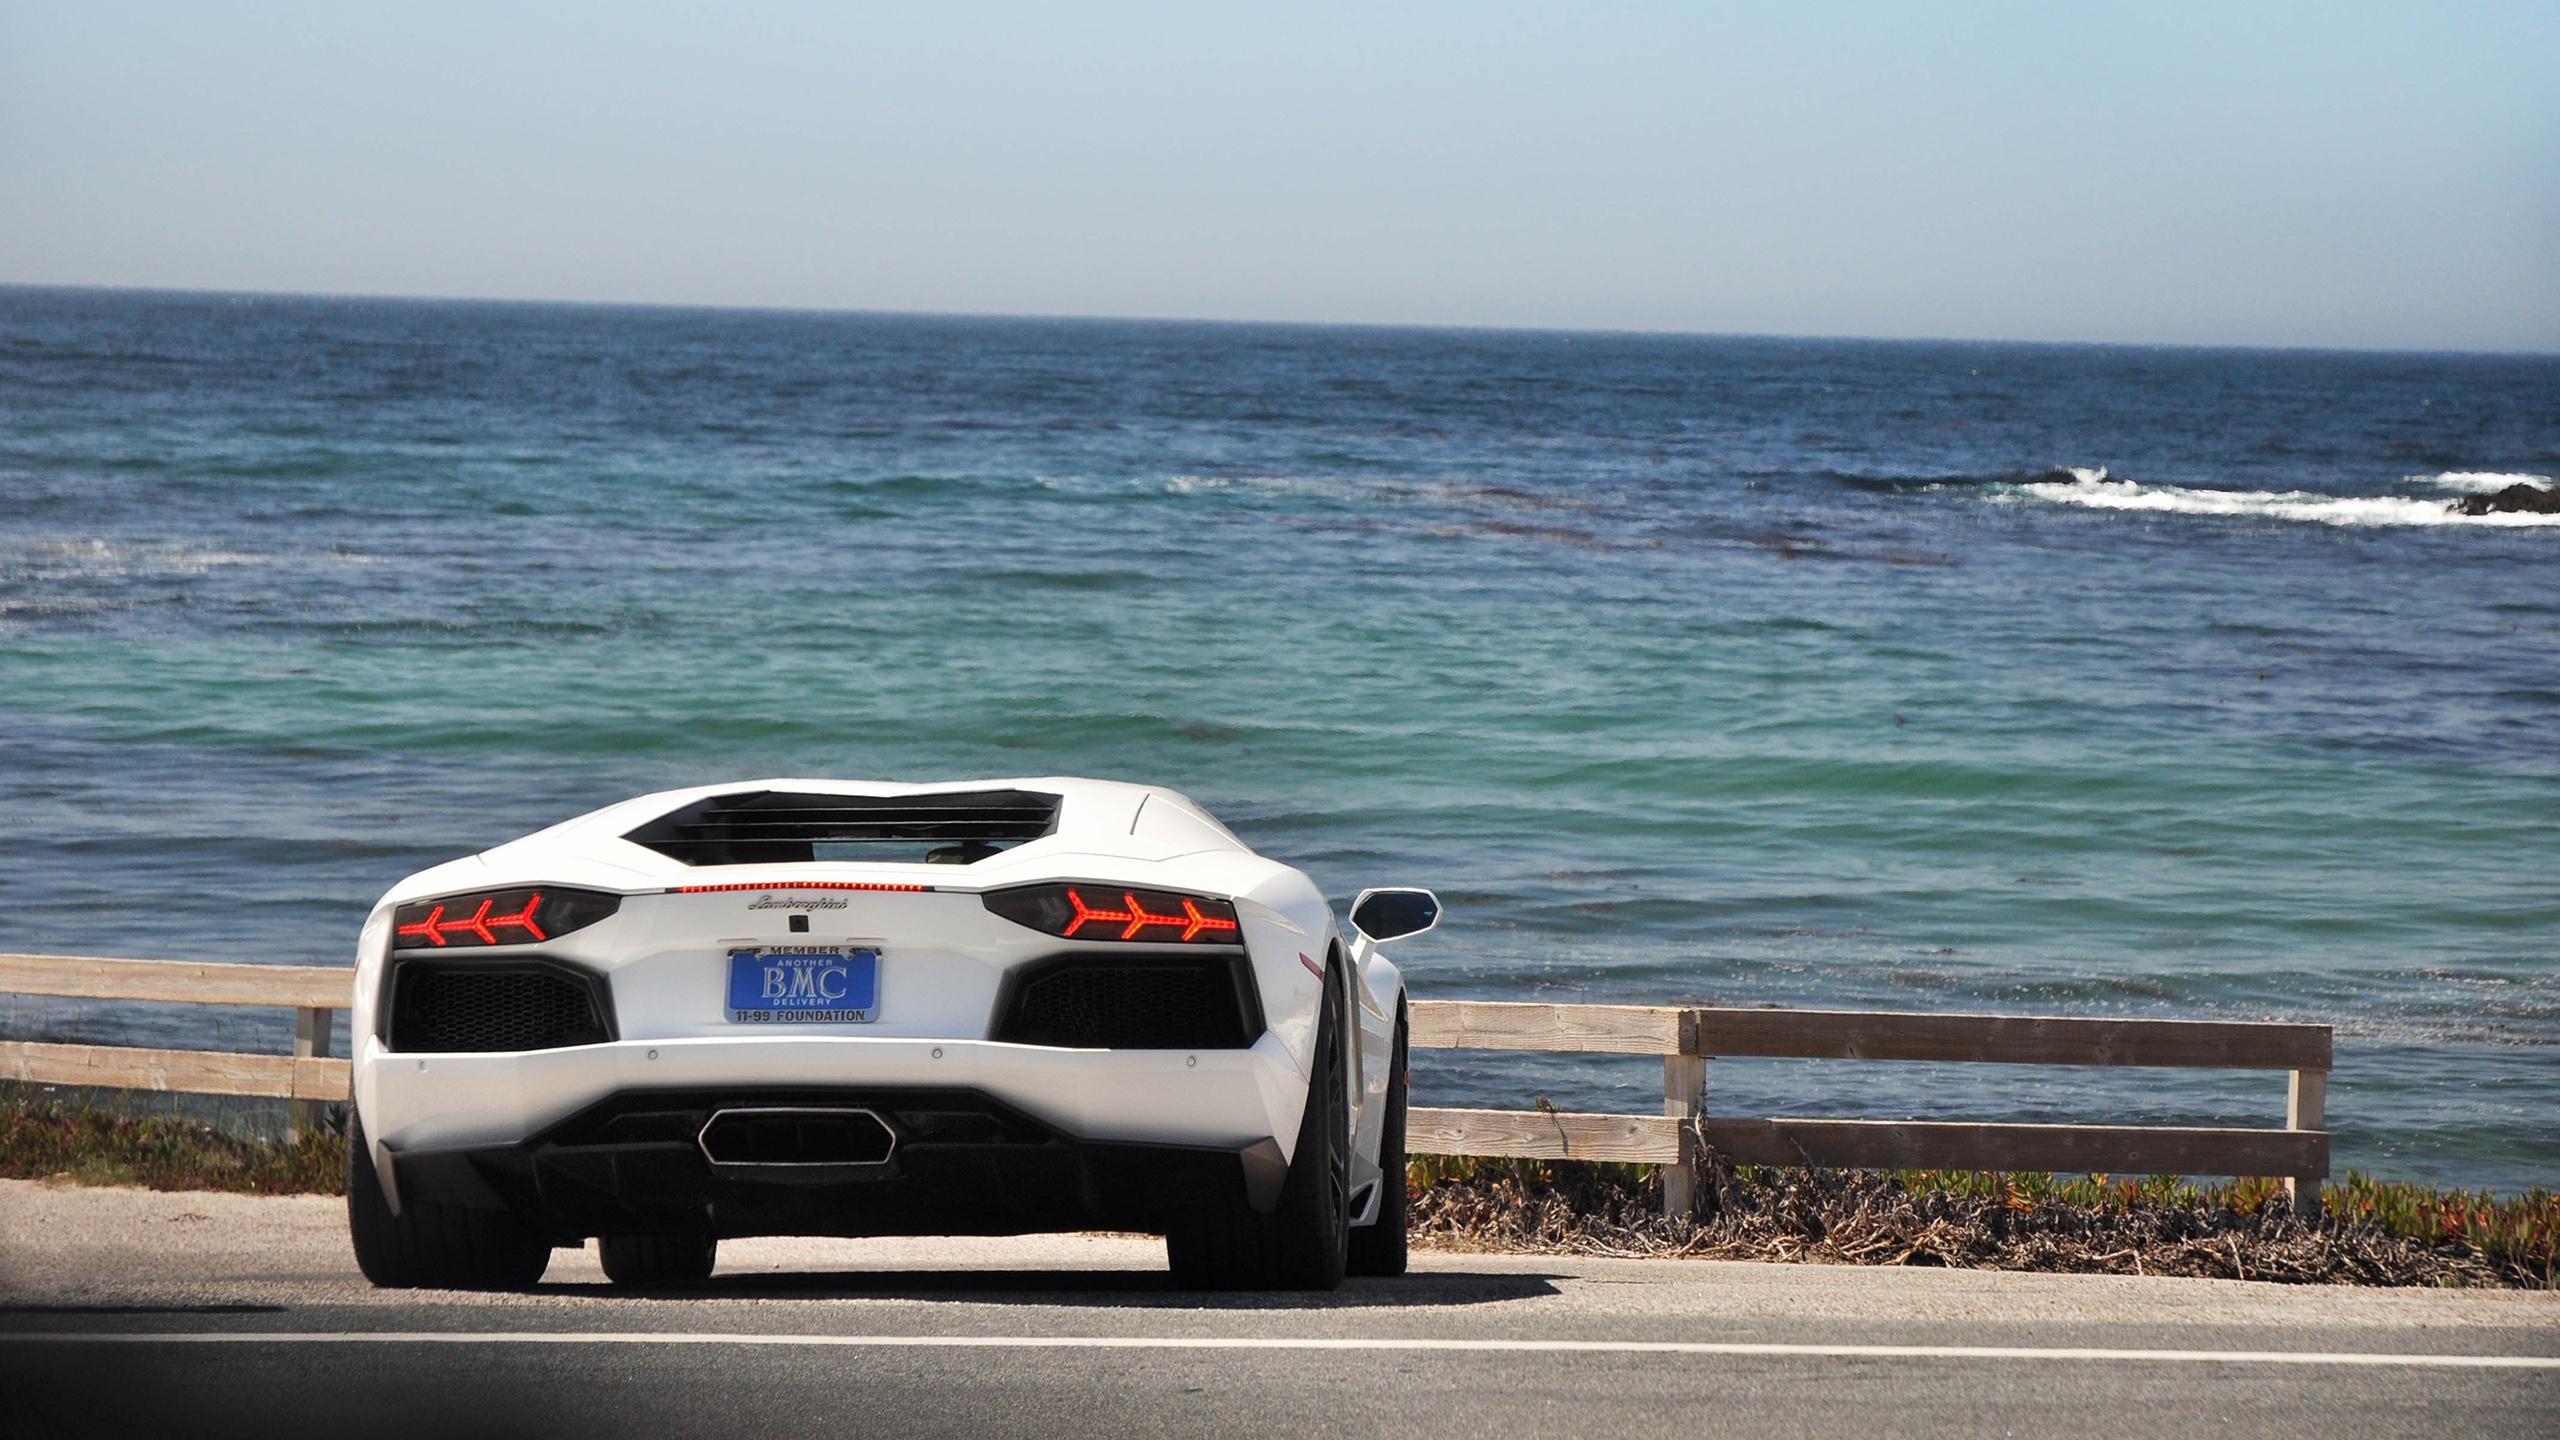 Aventador coast